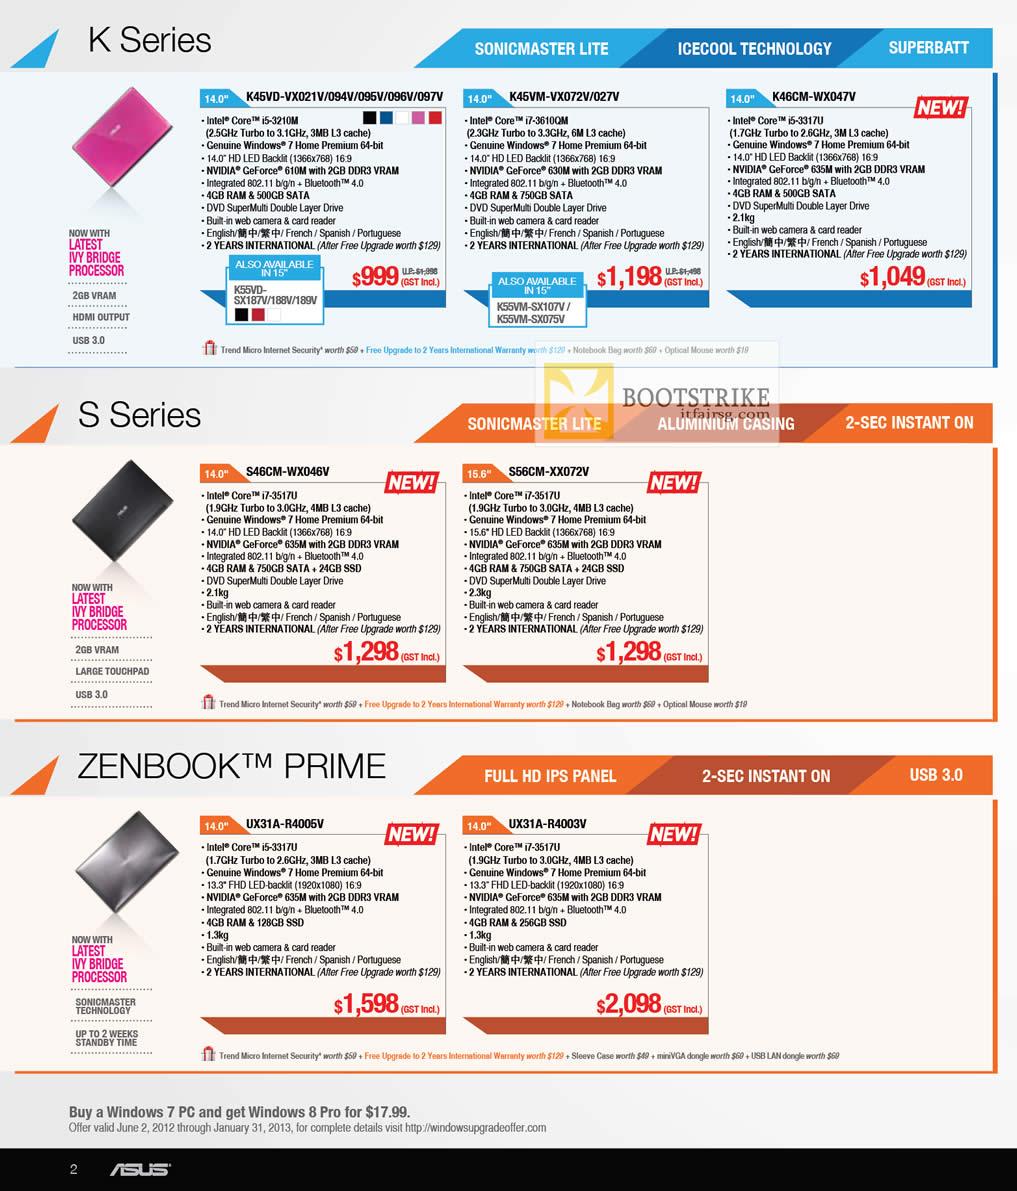 COMEX 2012 price list image brochure of ASUS Notebooks K Series K45VD K45VM K46CM, S Series S46CM S56CM, Zenbook Prime UX31A-R4005V, UX31A-R4003V